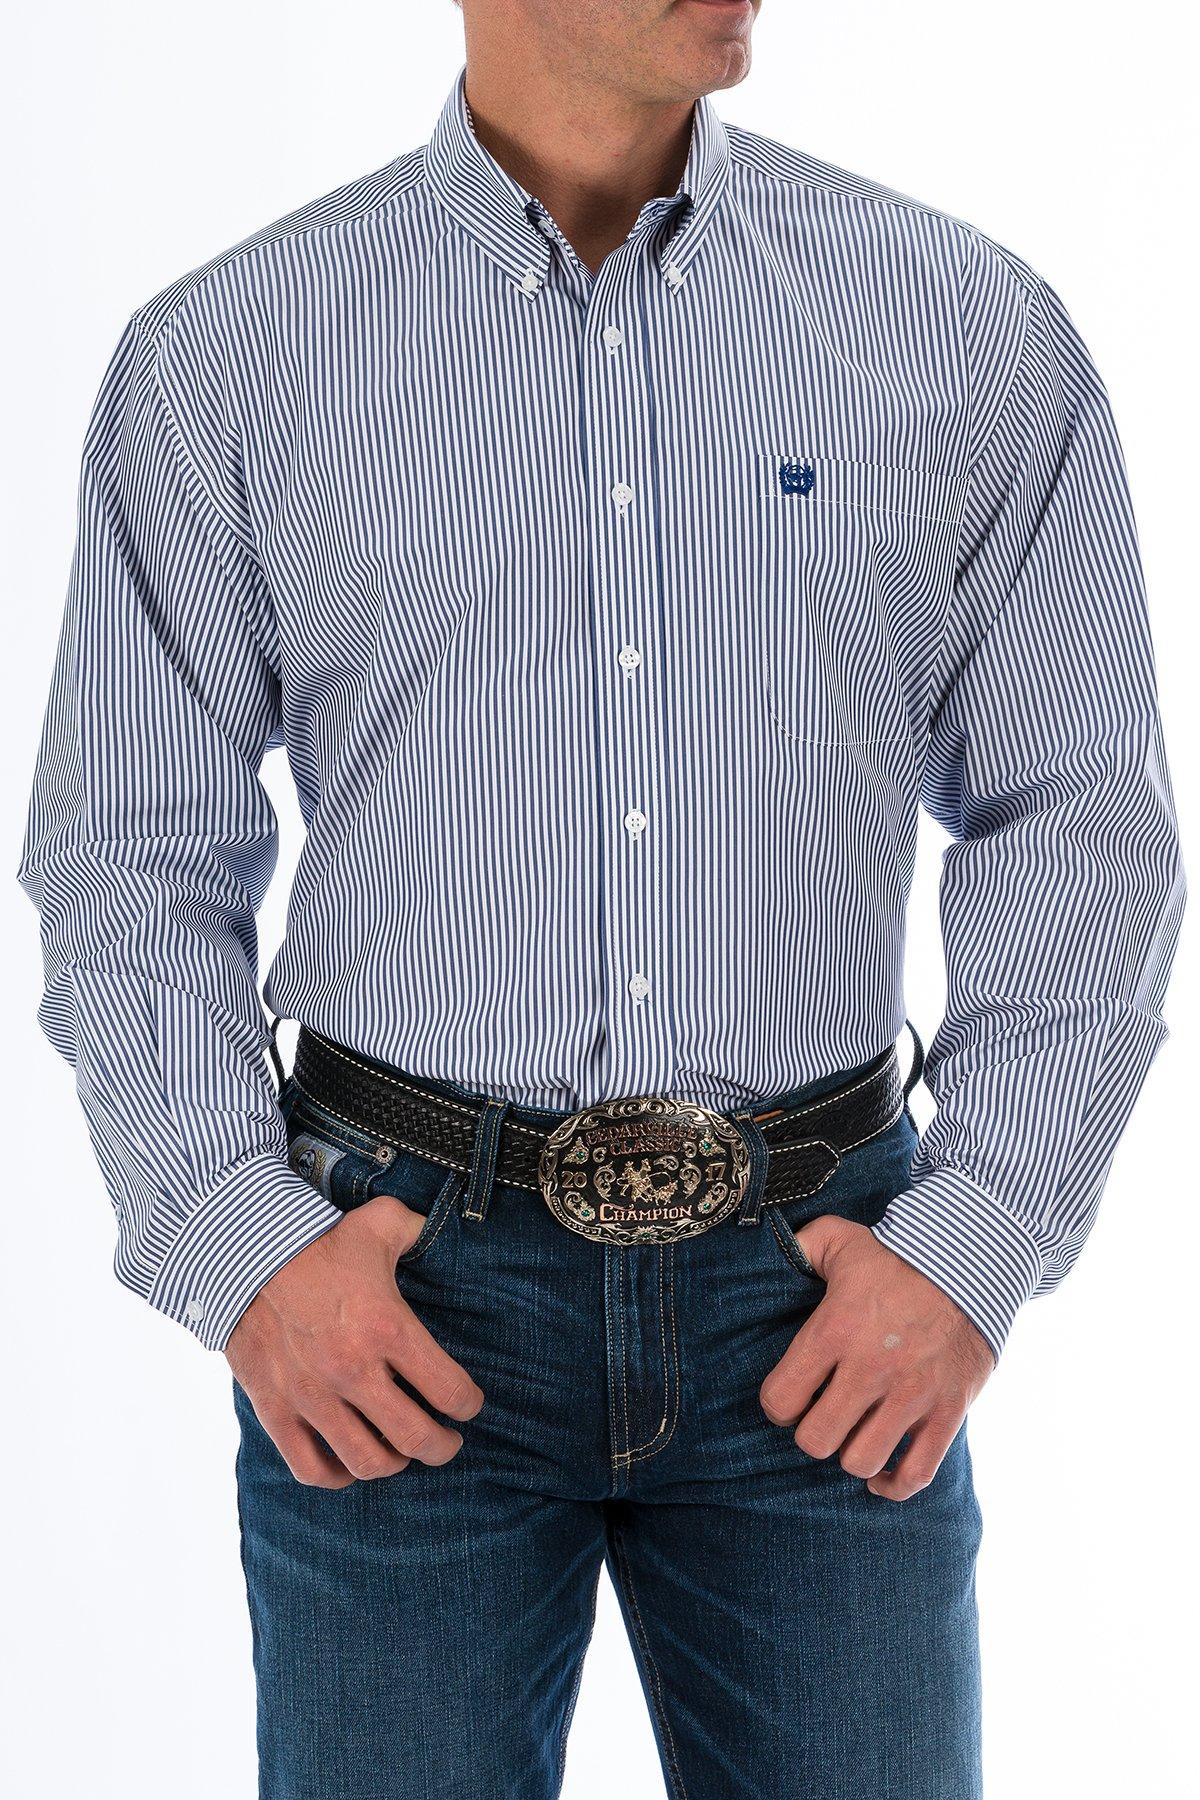 chemise-western-homme-cinch-bleu-rayures-MTW1104729